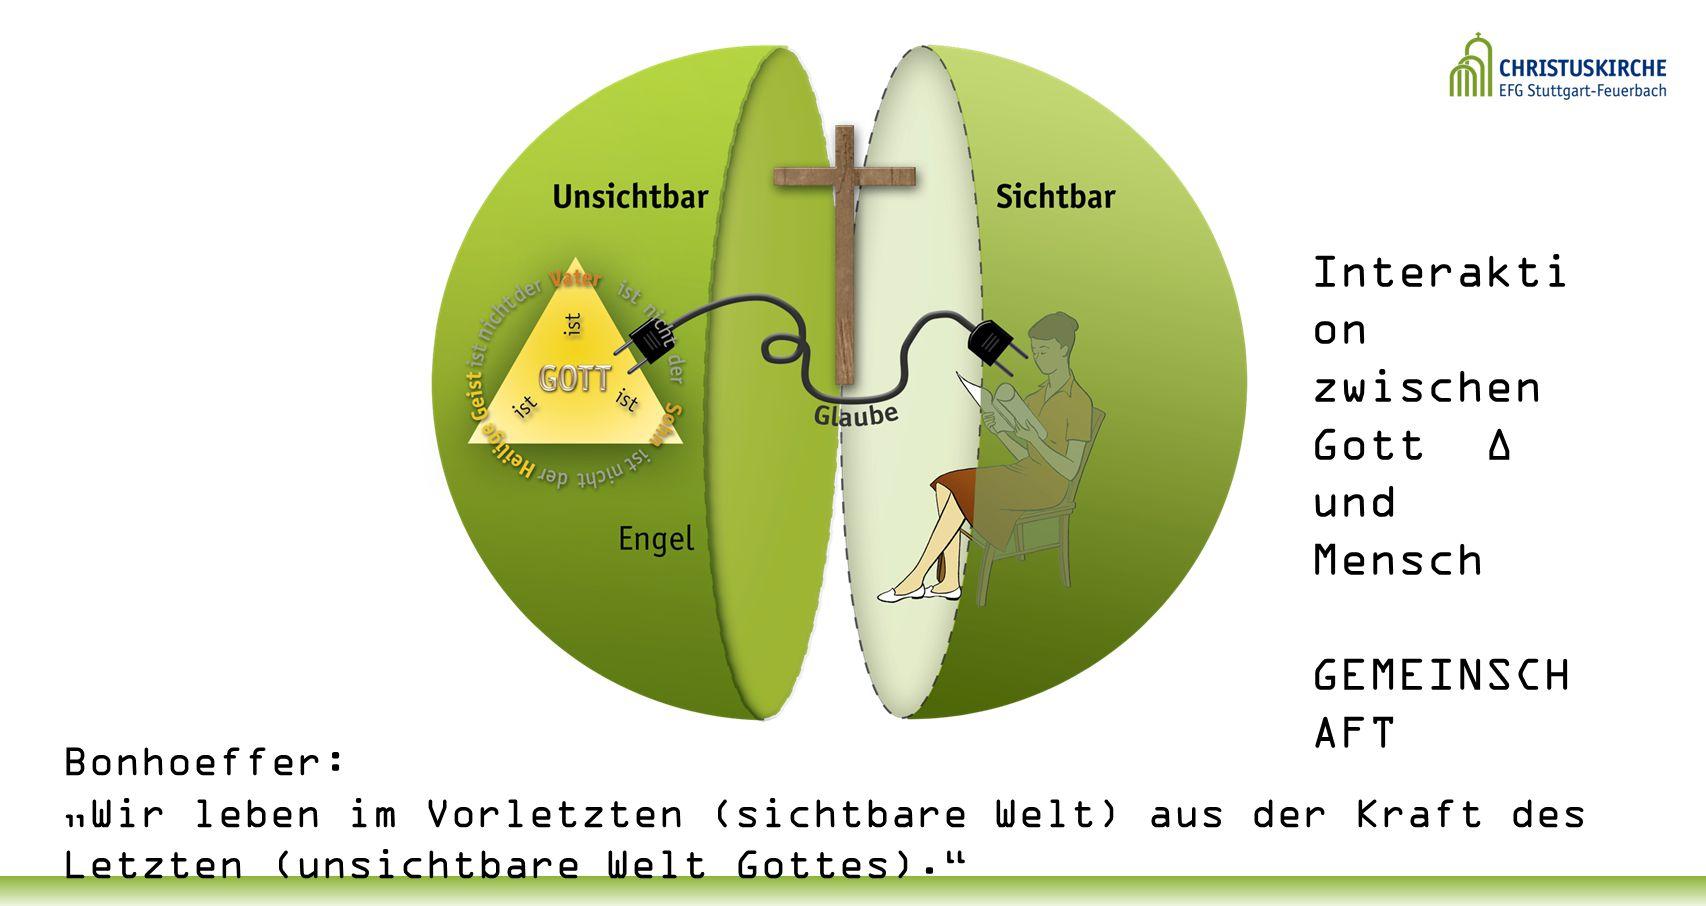 """Interakti on zwischen Gott ∆ und Mensch GEMEINSCH AFT Bonhoeffer: """"Wir leben im Vorletzten (sichtbare Welt) aus der Kraft des Letzten (unsichtbare Welt Gottes)."""